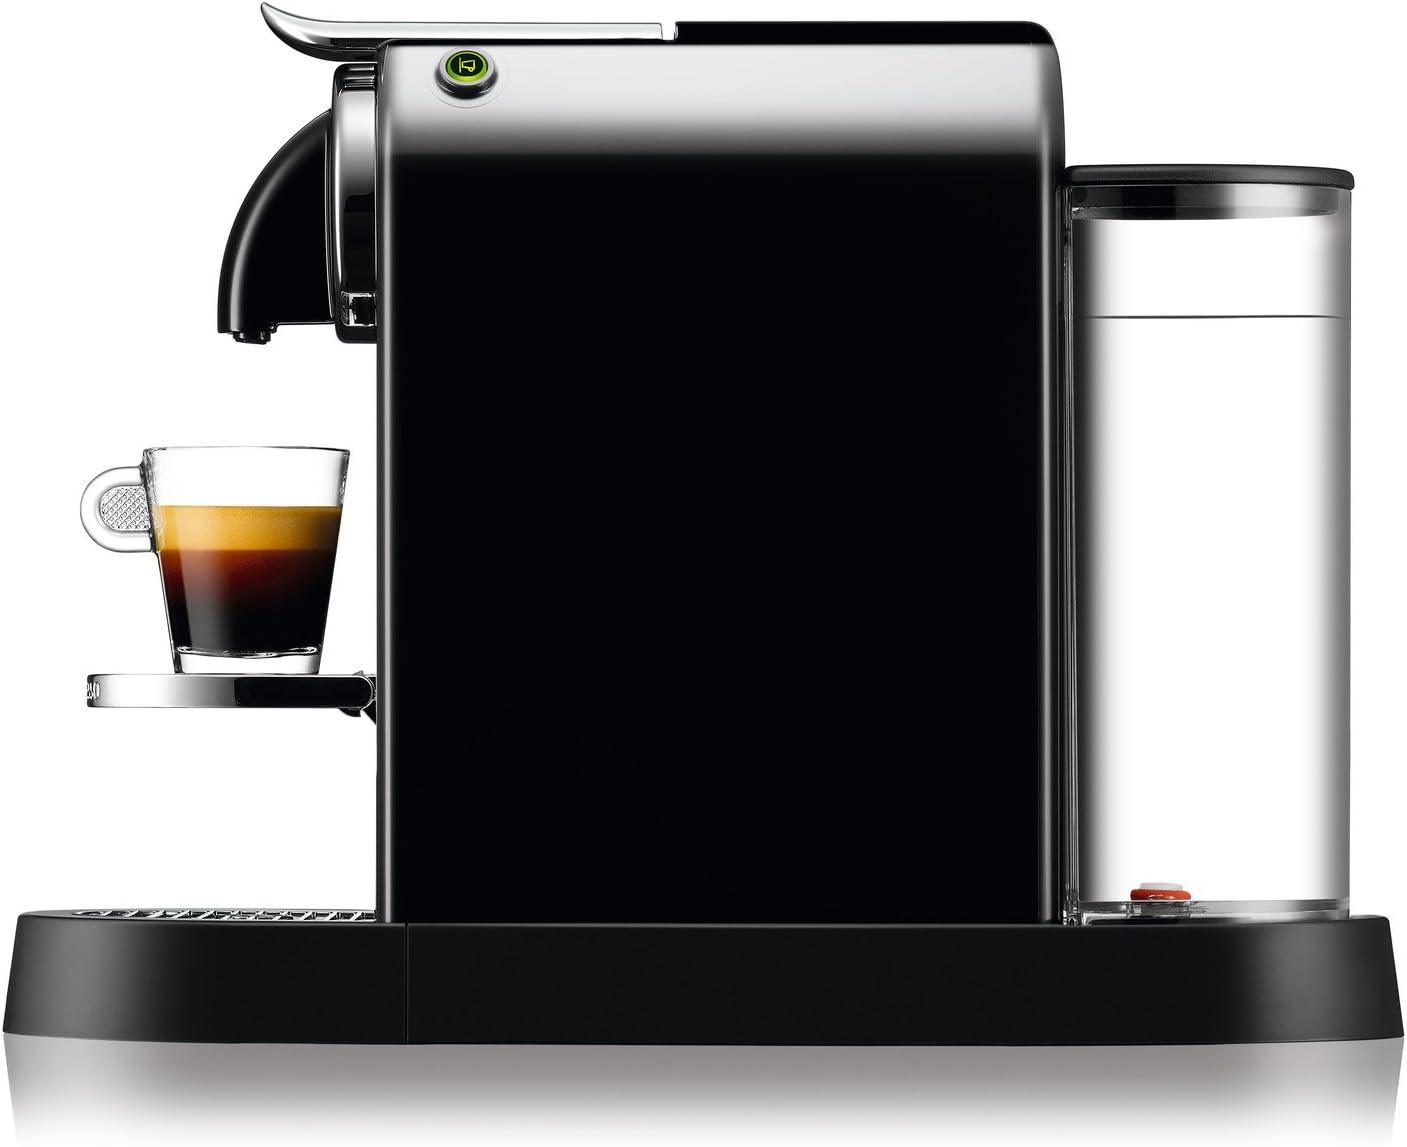 Lohnt sich der Kauf einer Kapsel Kaffeemaschine wirklich?